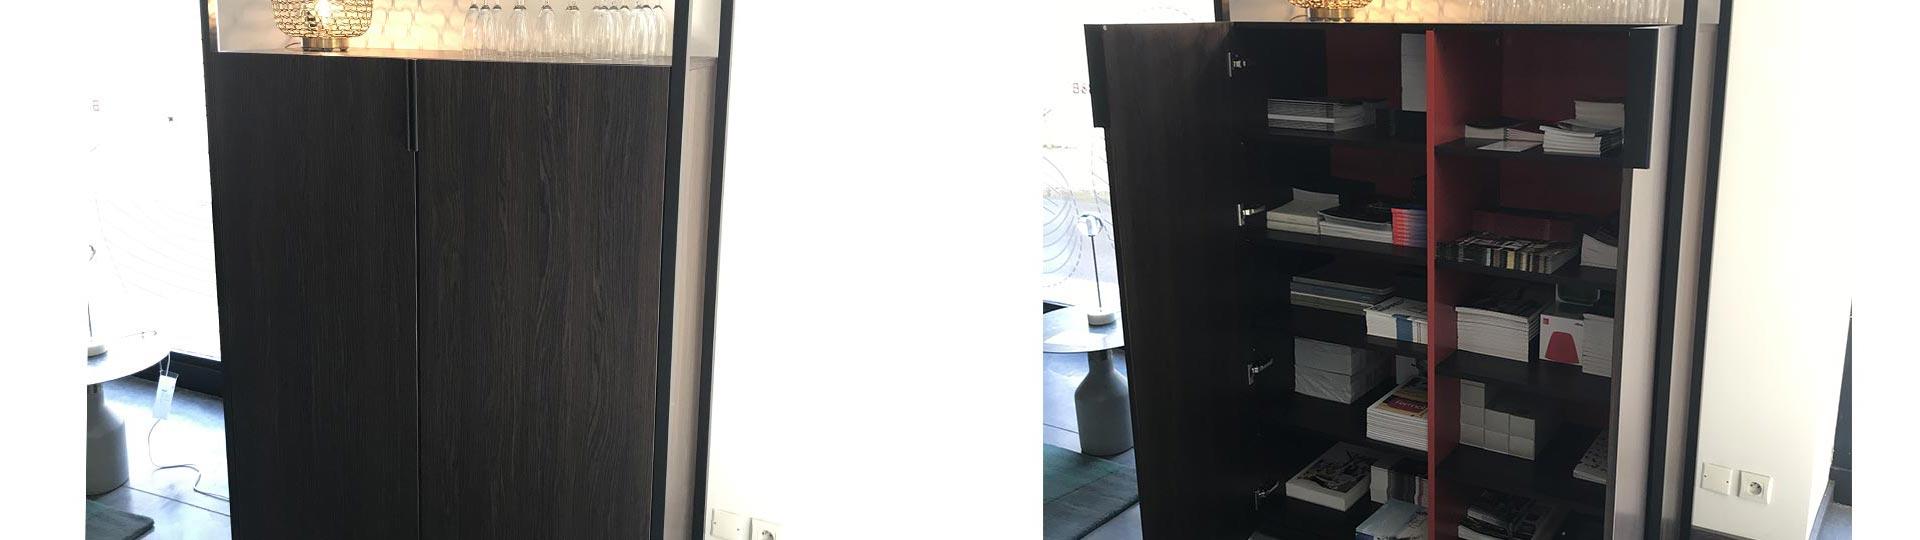 meuble-dedicato-ligne-roset-photo-double